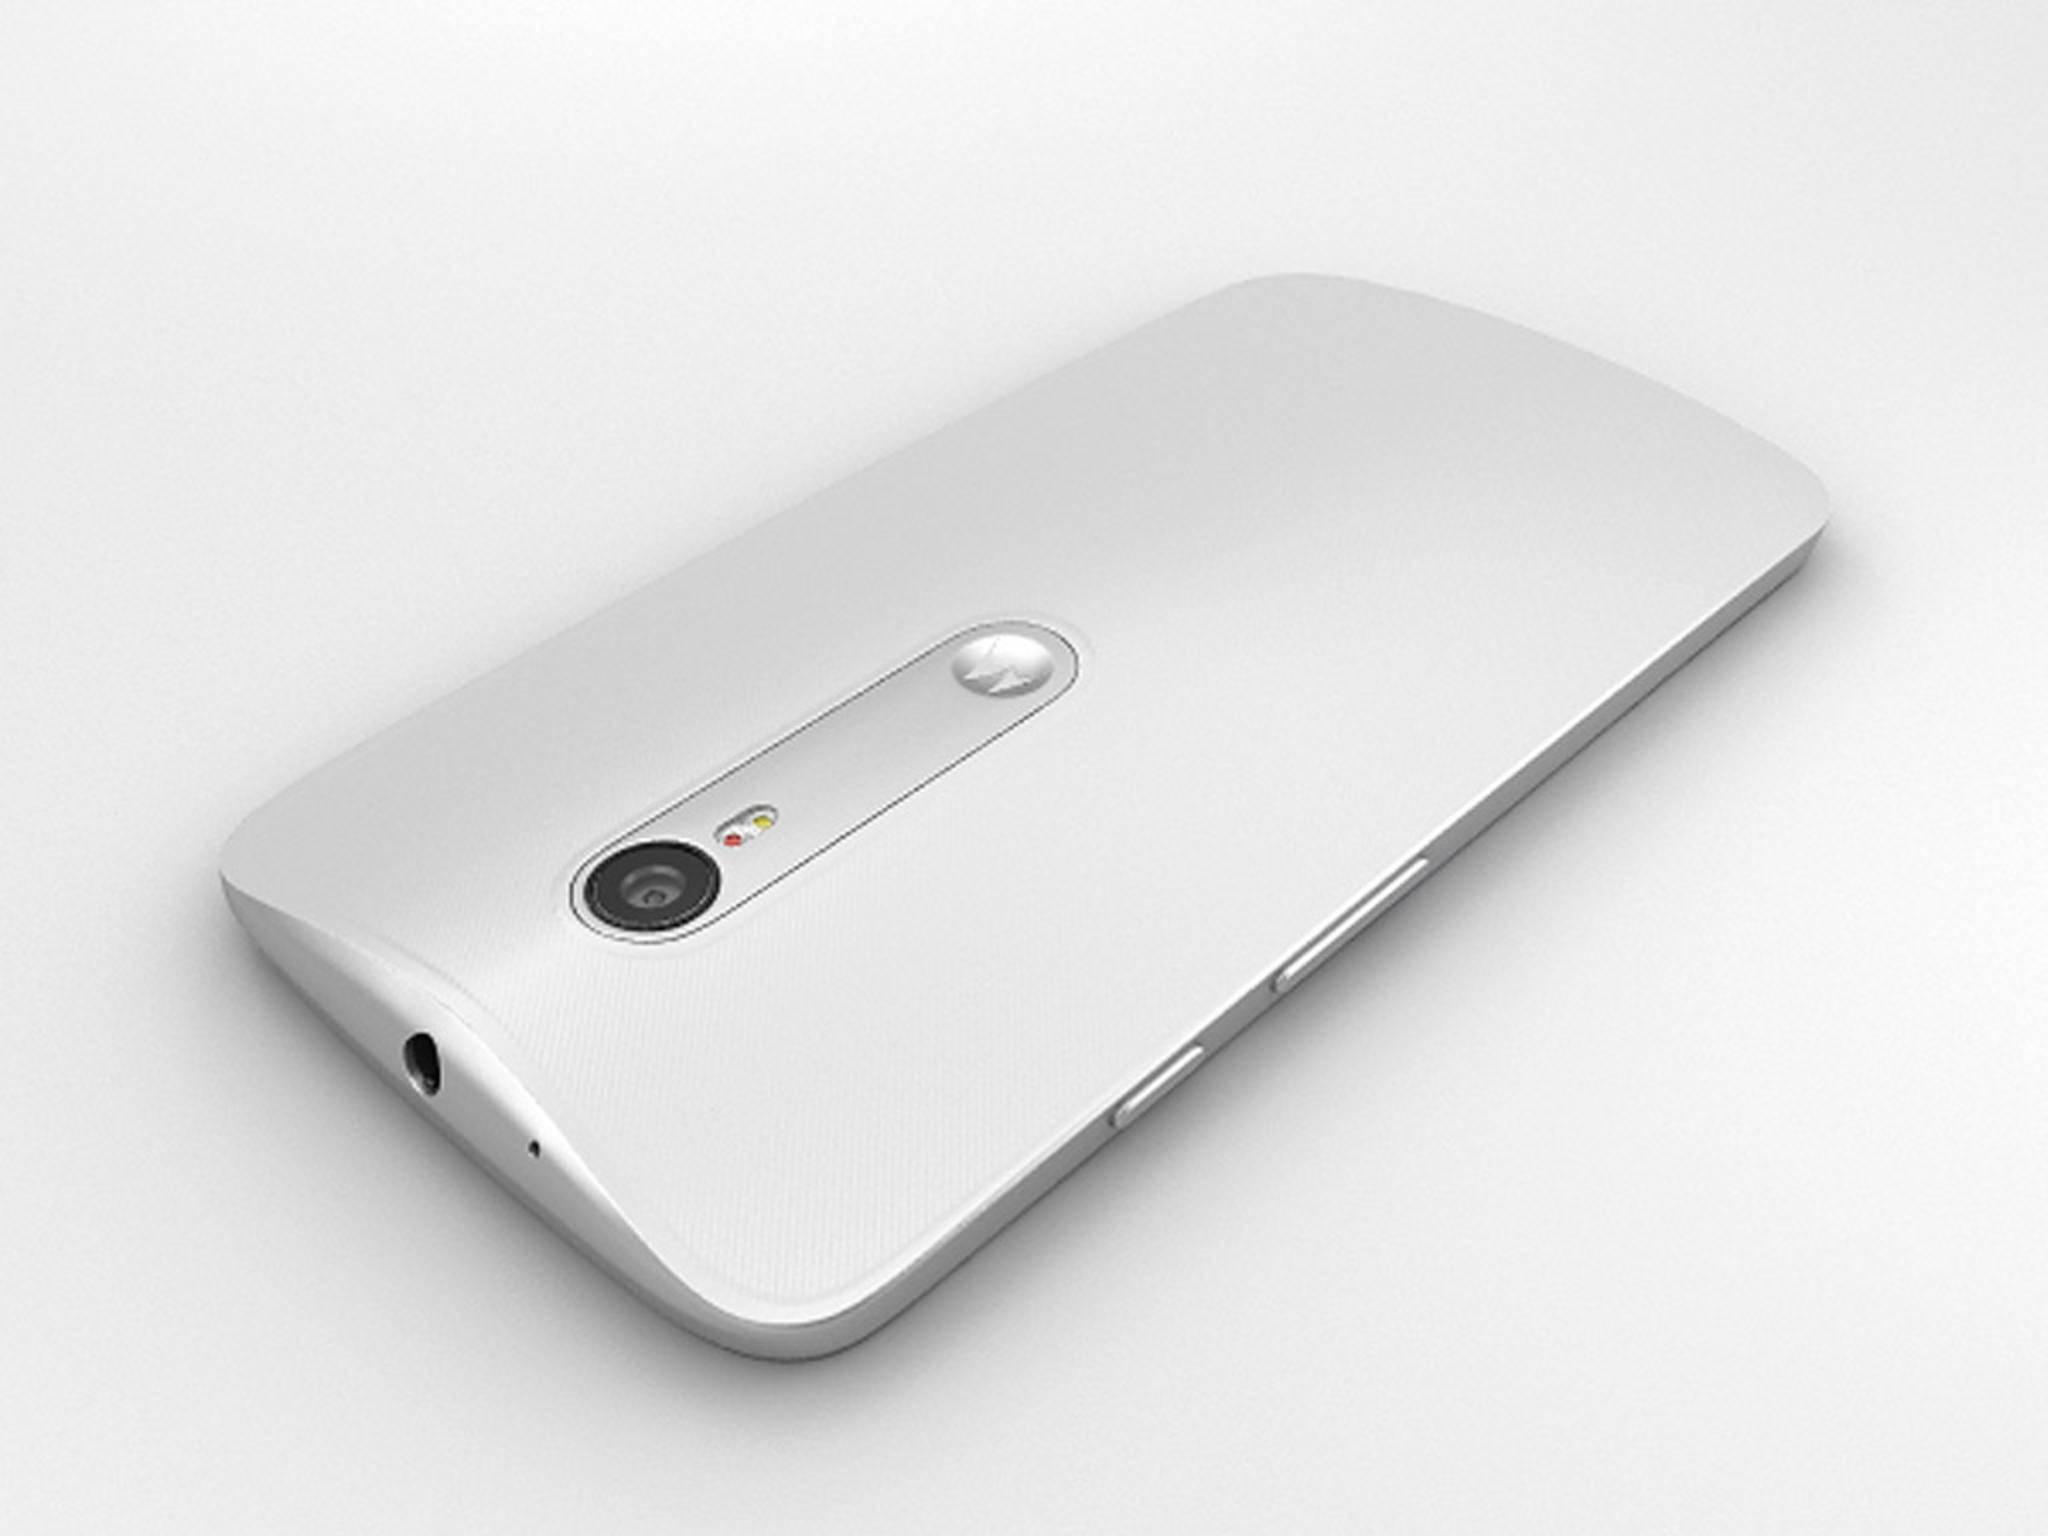 Das Motorola Moto G (2015) soll wasserfest sein.